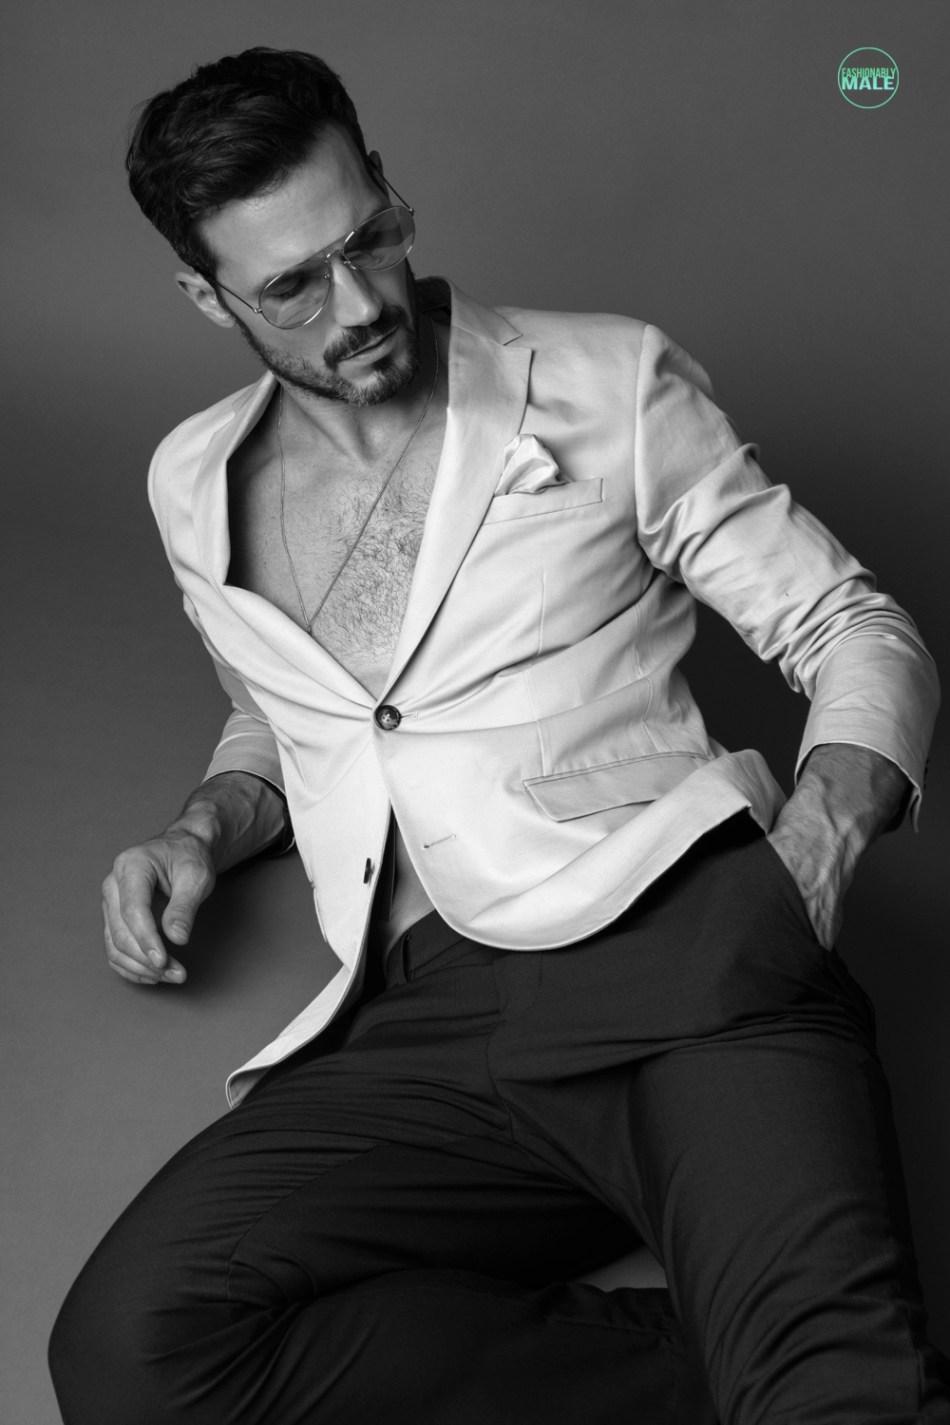 Adam Cowie by Malc Stone Fashionably Male5